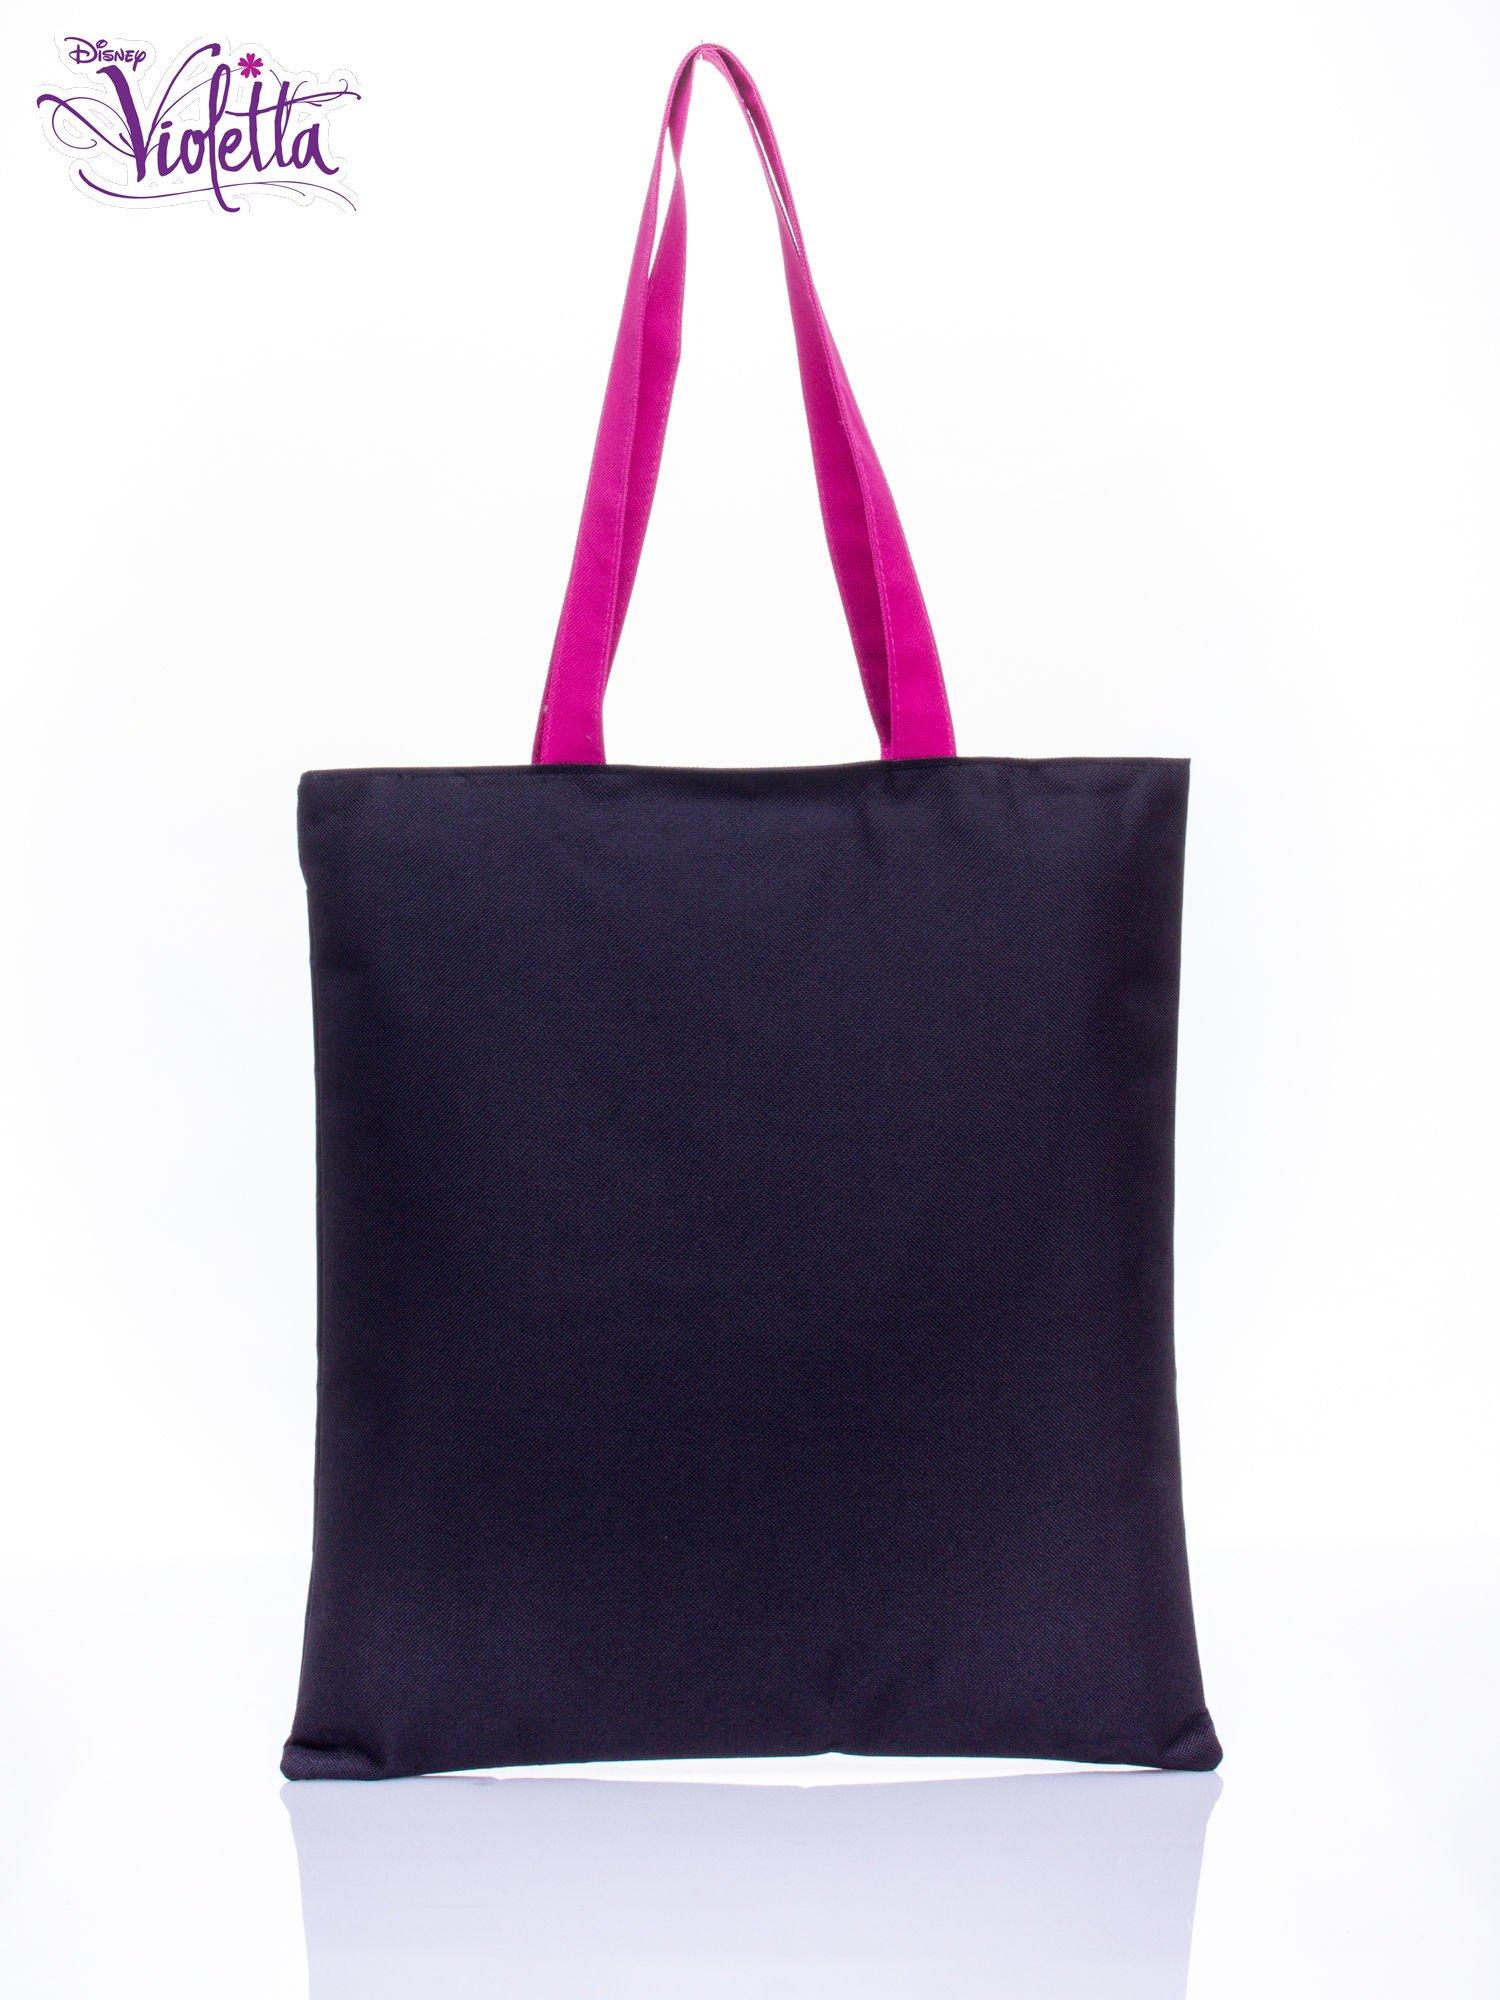 Czarna torba shopper bag dla dziewczynki DISNEY Violetta                                  zdj.                                  2